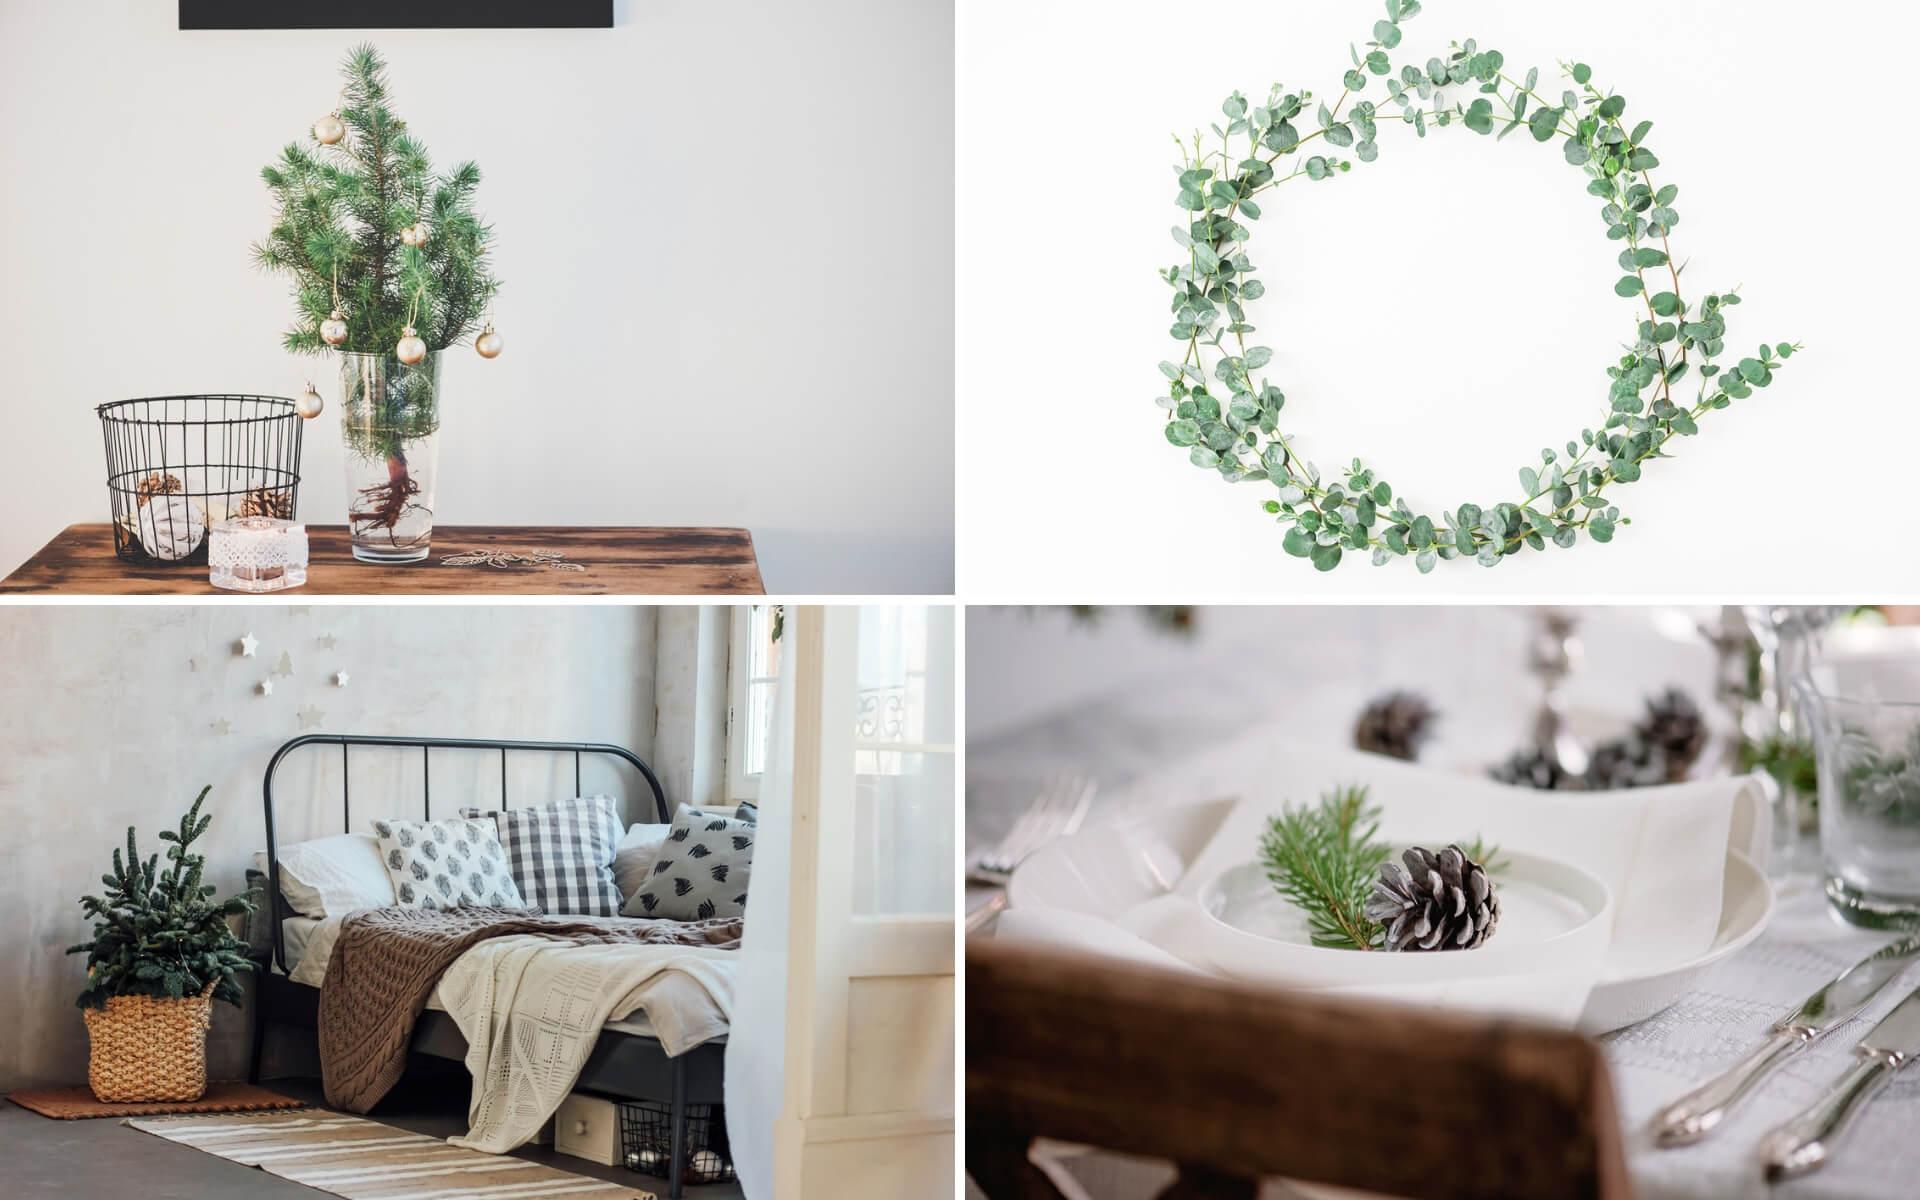 Suggerimenti per arredare la casa a Natale in stile minimal